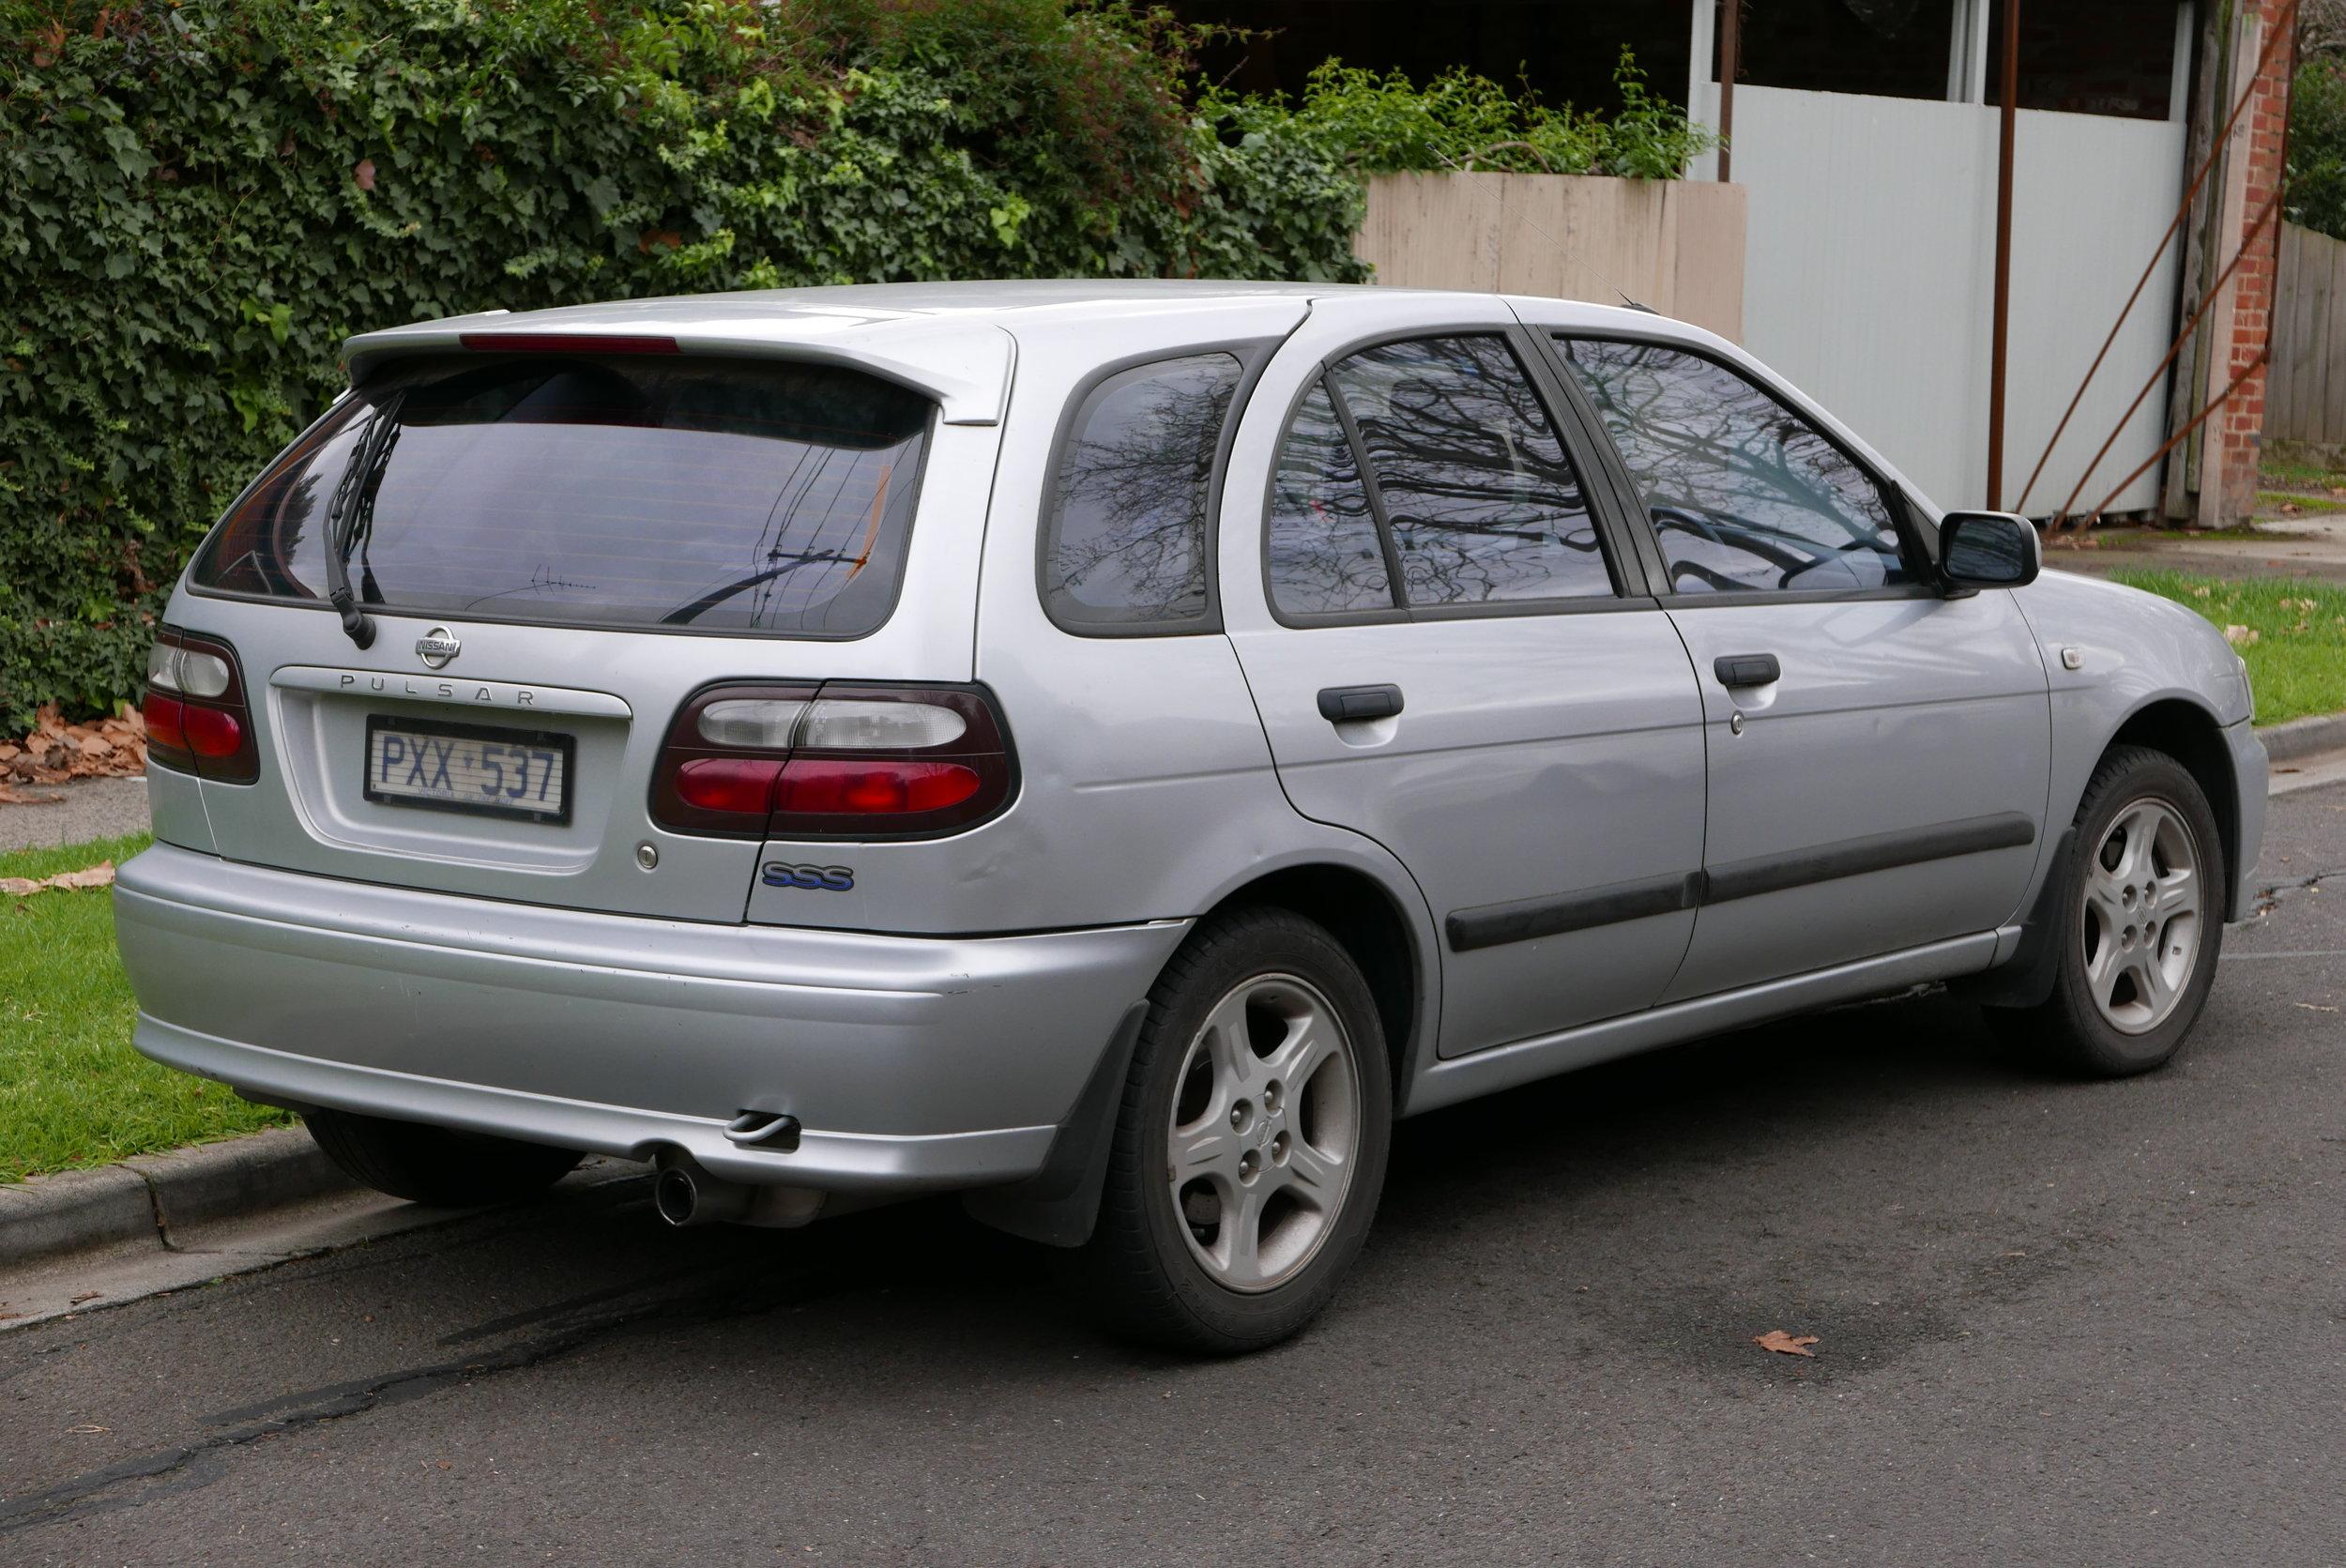 1999_Nissan_Pulsar_(N15_S2)_SSS_5-door_hatchback_(2015-07-03)_02.jpg